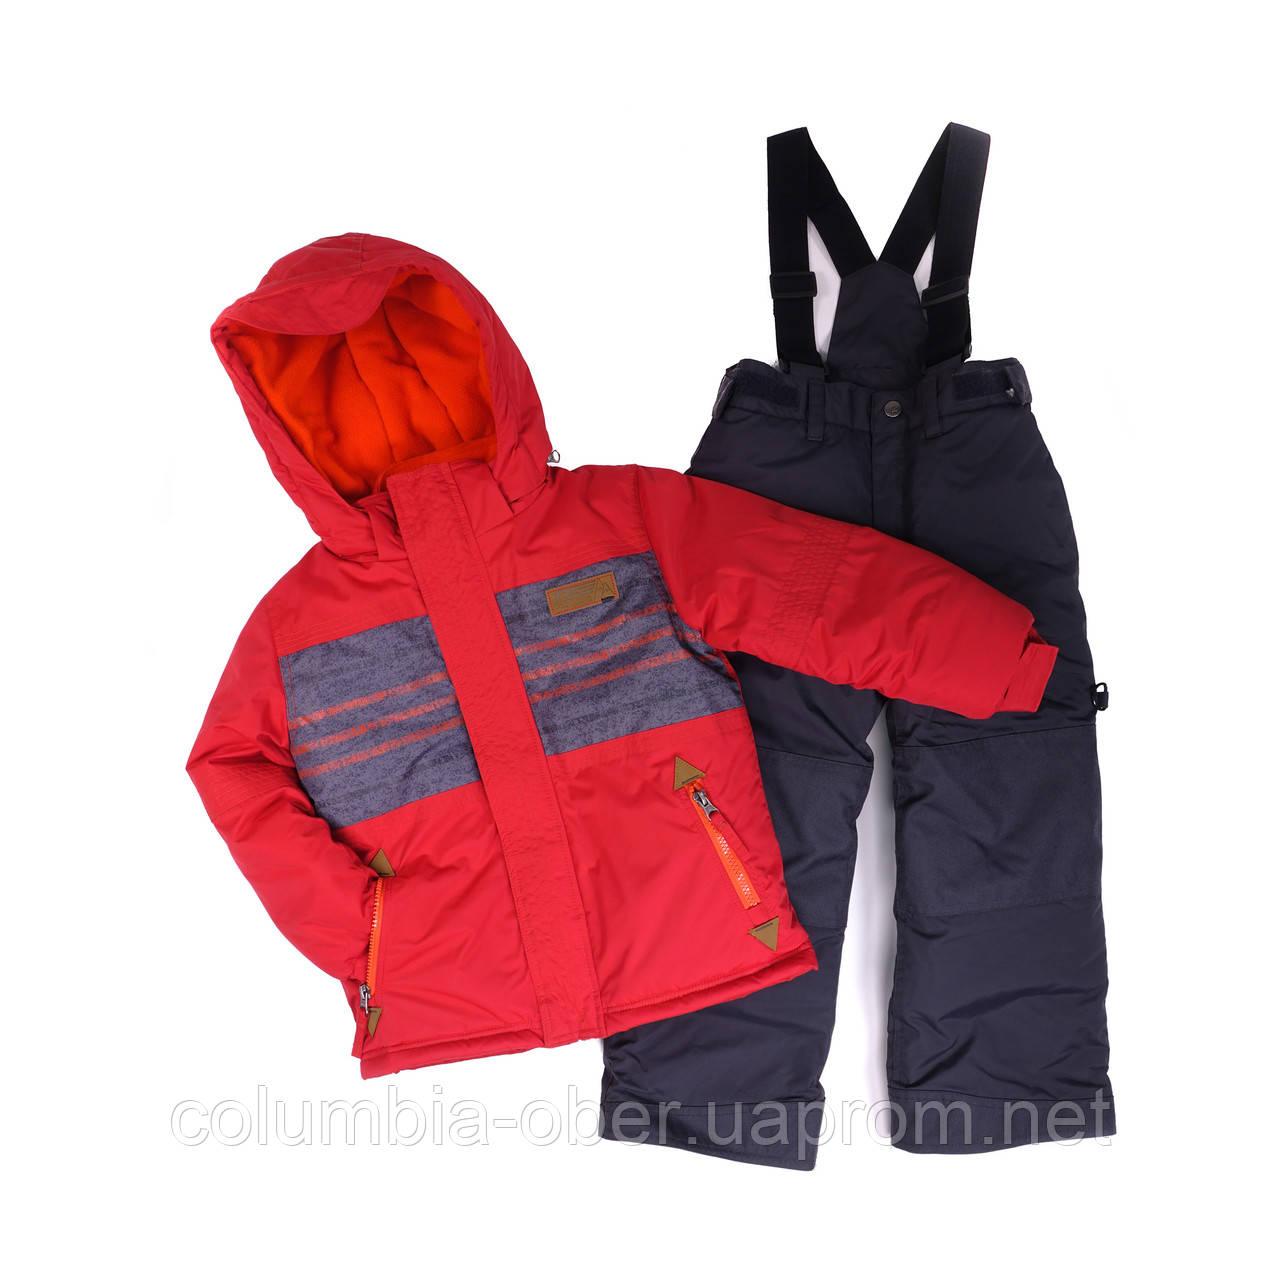 Зимний костюм для мальчика PELUCHE 63 EG M F16 Kimono. Размеры 104-119.